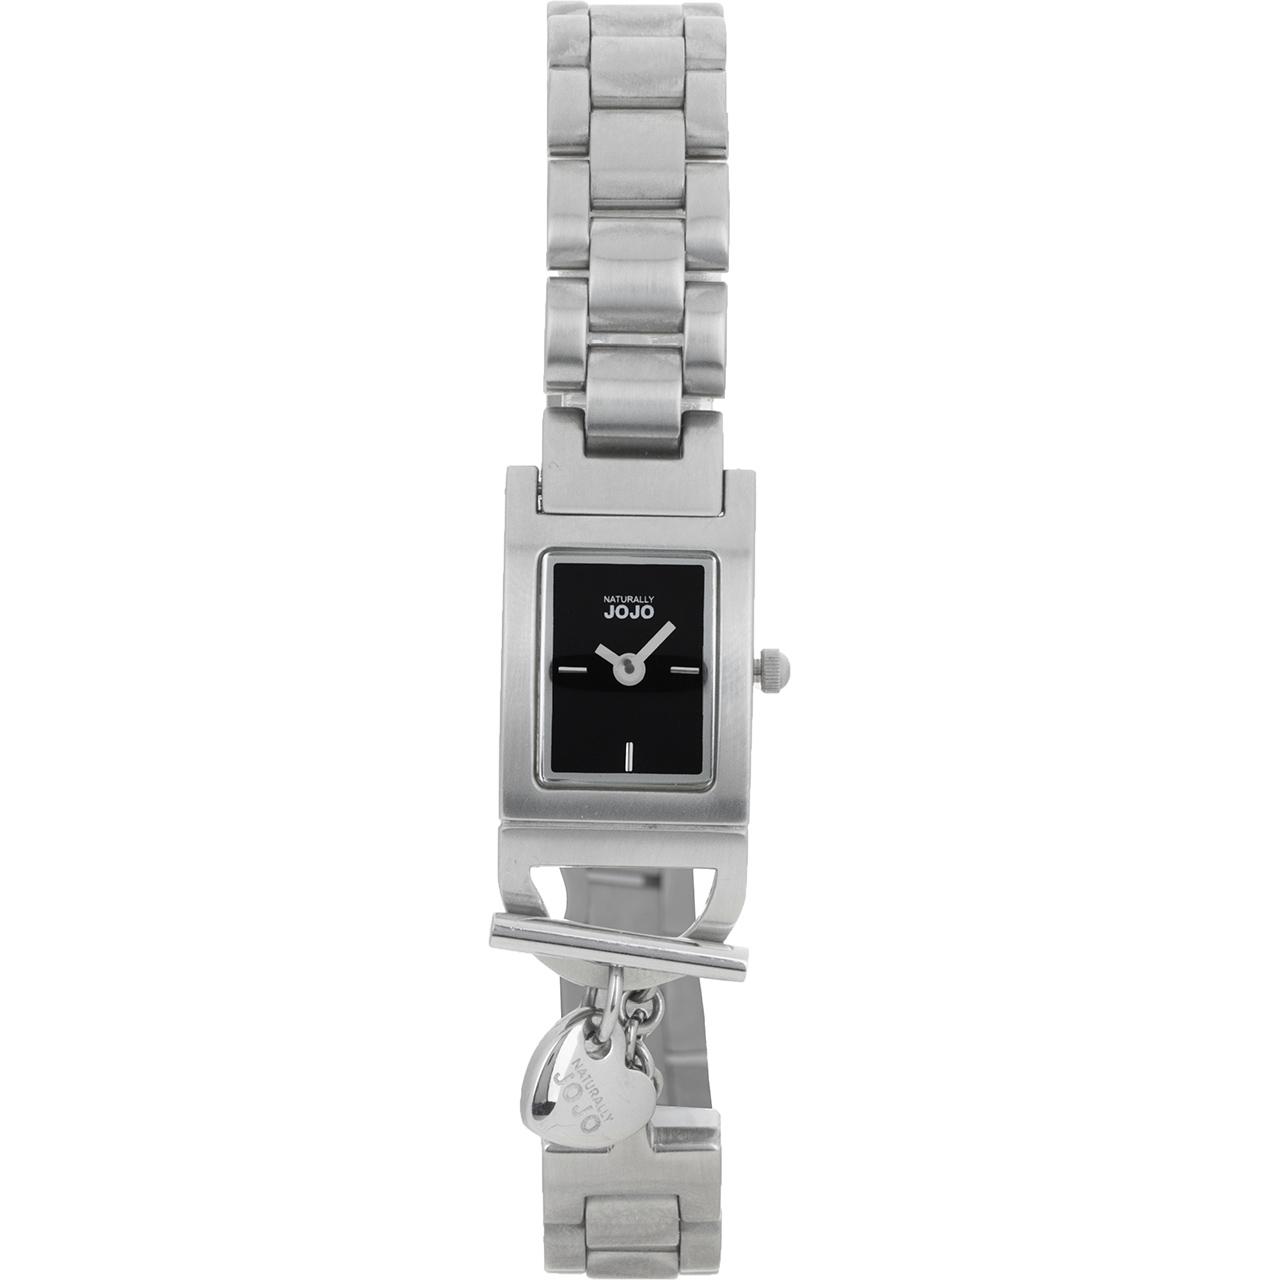 ساعت مچی عقربه ای زنانه نچرالی ژوژو مدل JO96258.88F